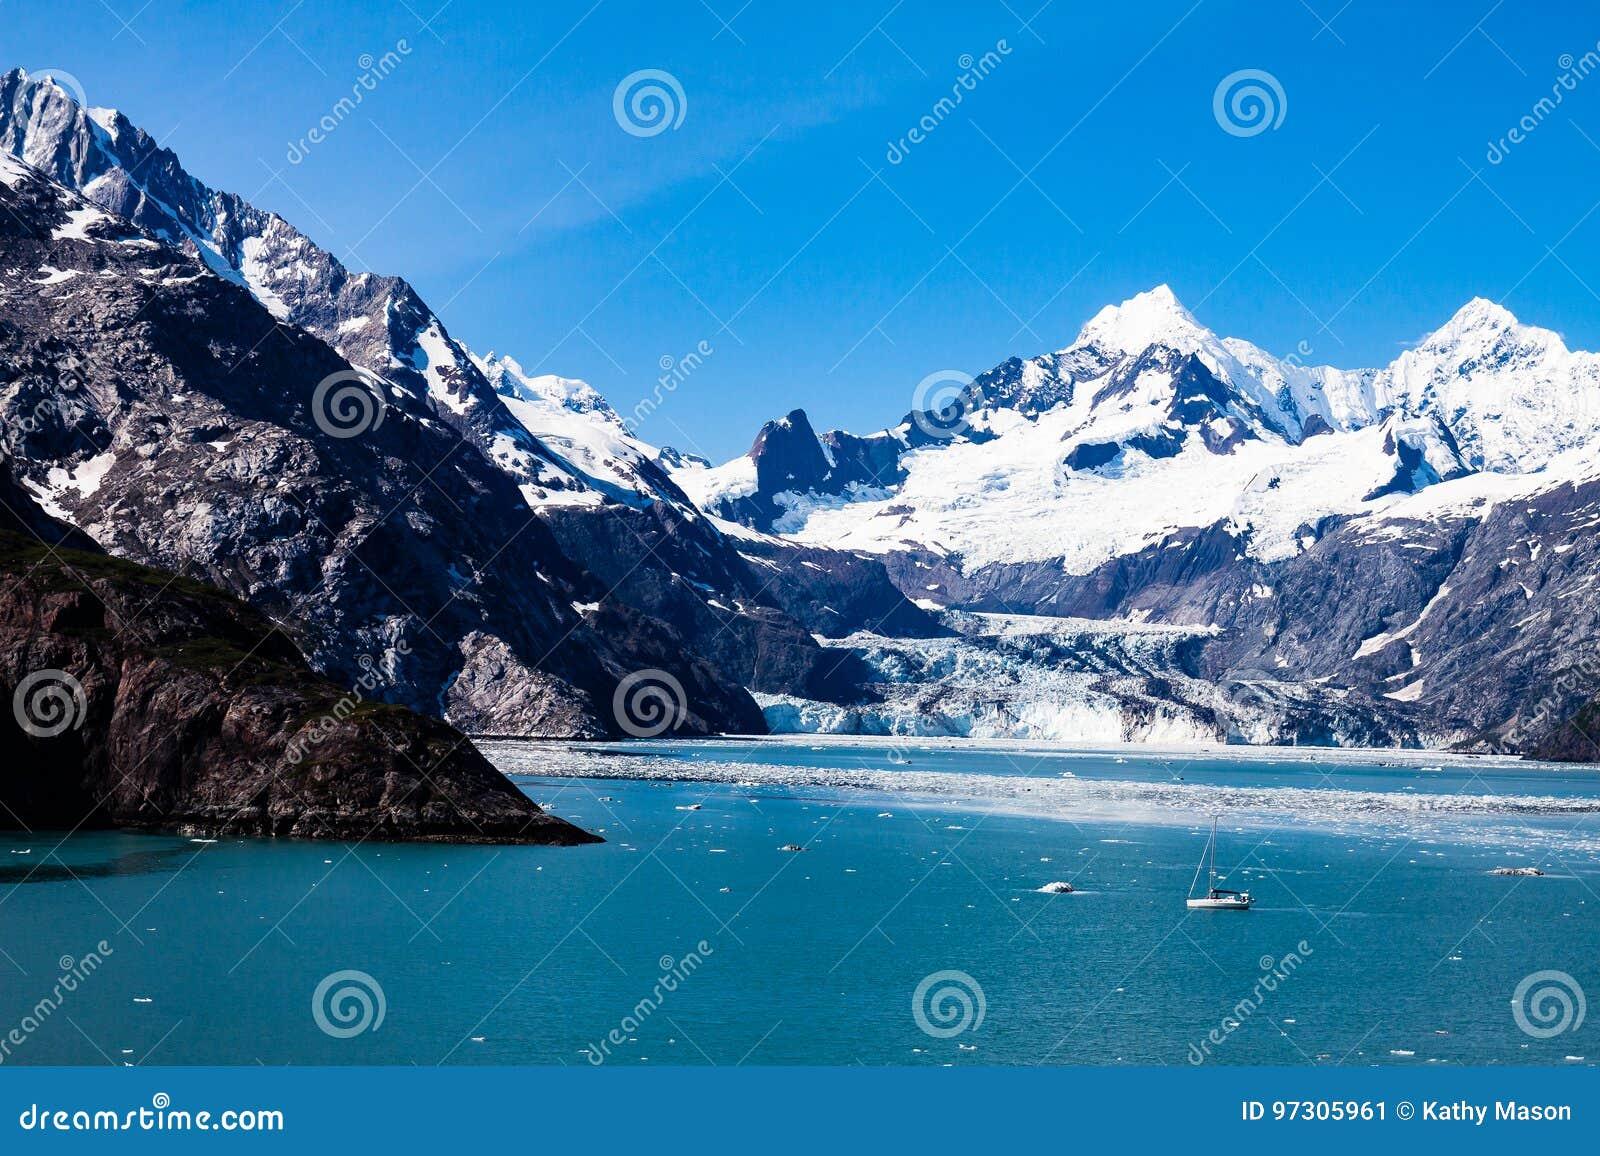 冰川国家公园在阿拉斯加